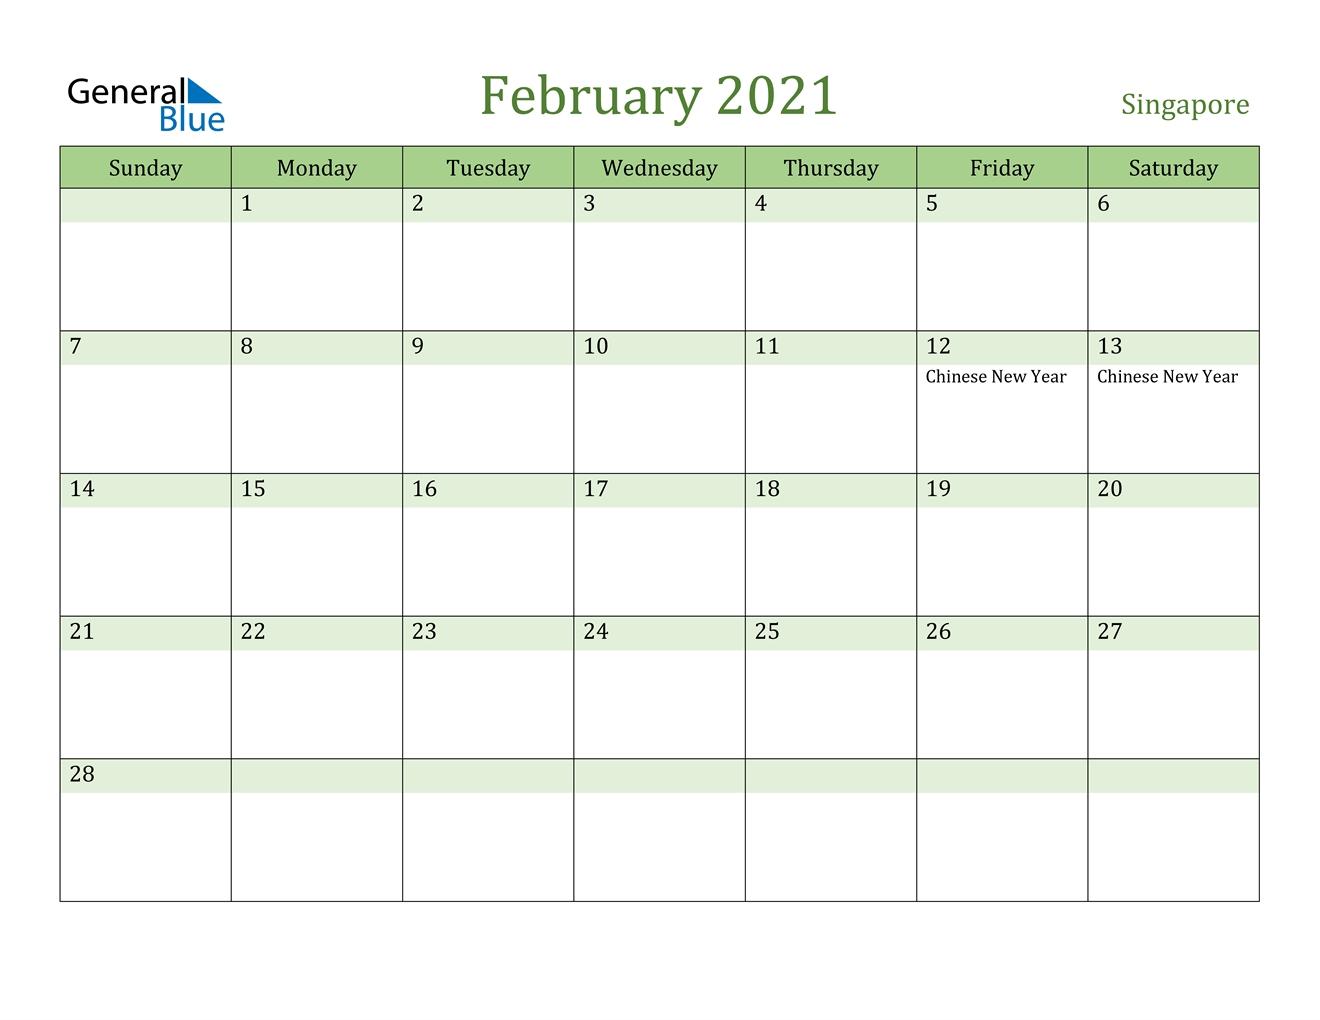 February 2021 Calendar - Singapore pertaining to 2021 Holidays Calendar Singapore Outlook Image